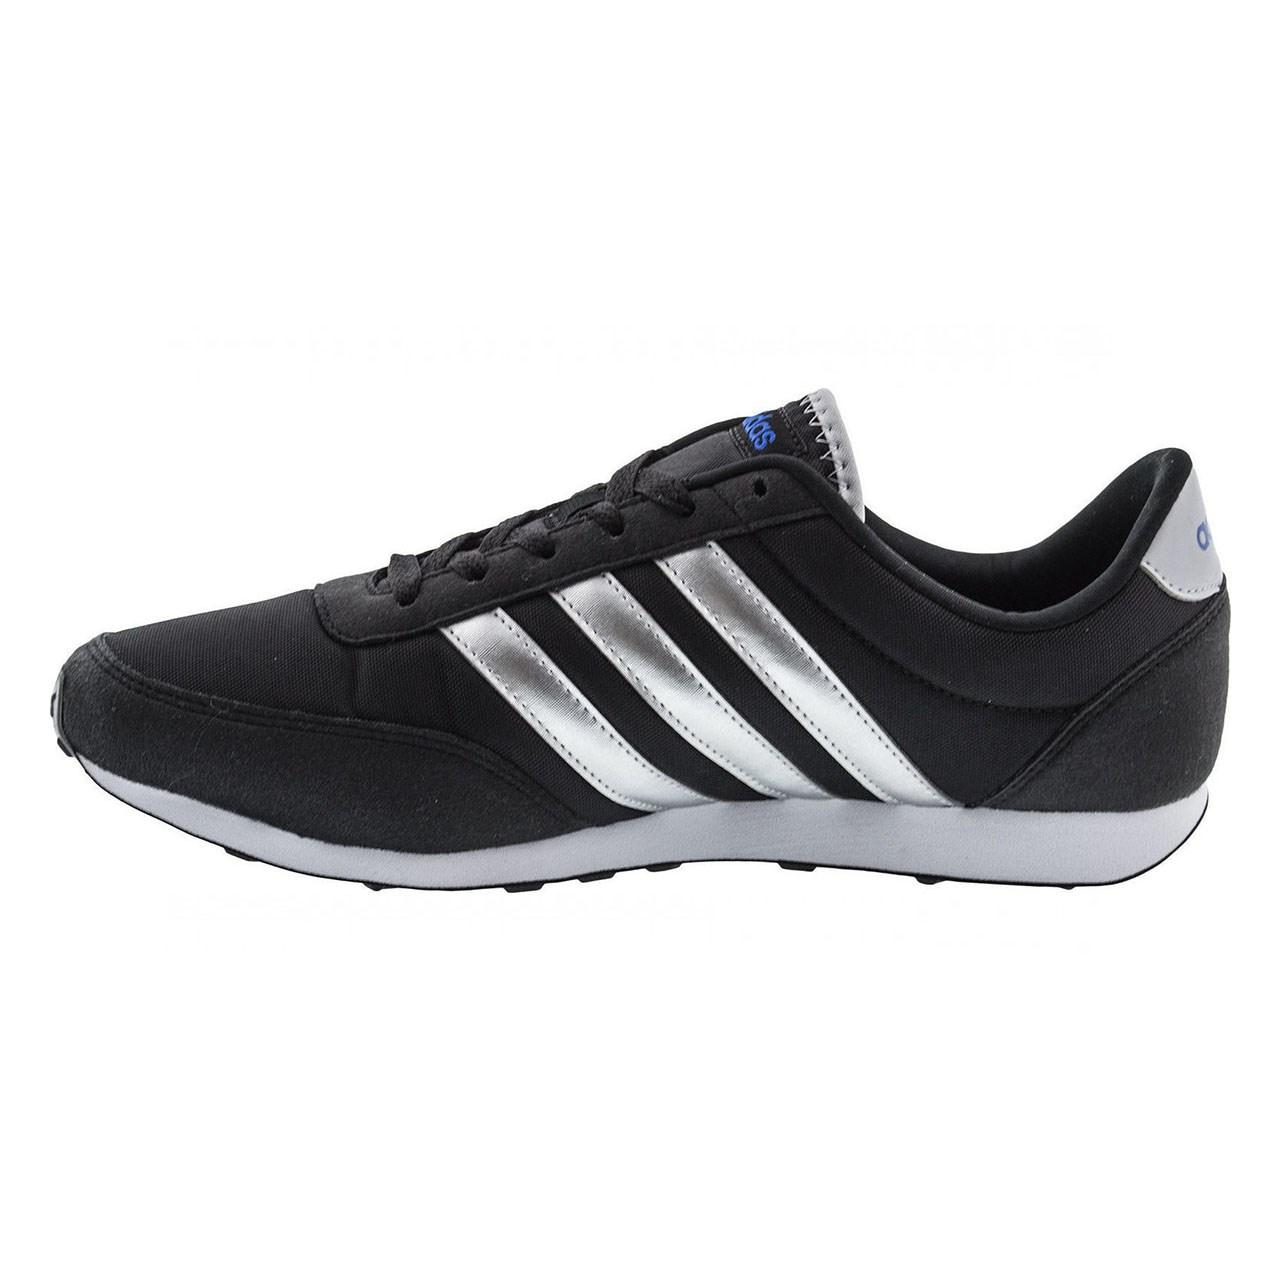 قیمت کفش مخصوص دویدن مردانه آدیداس مدل V Racer